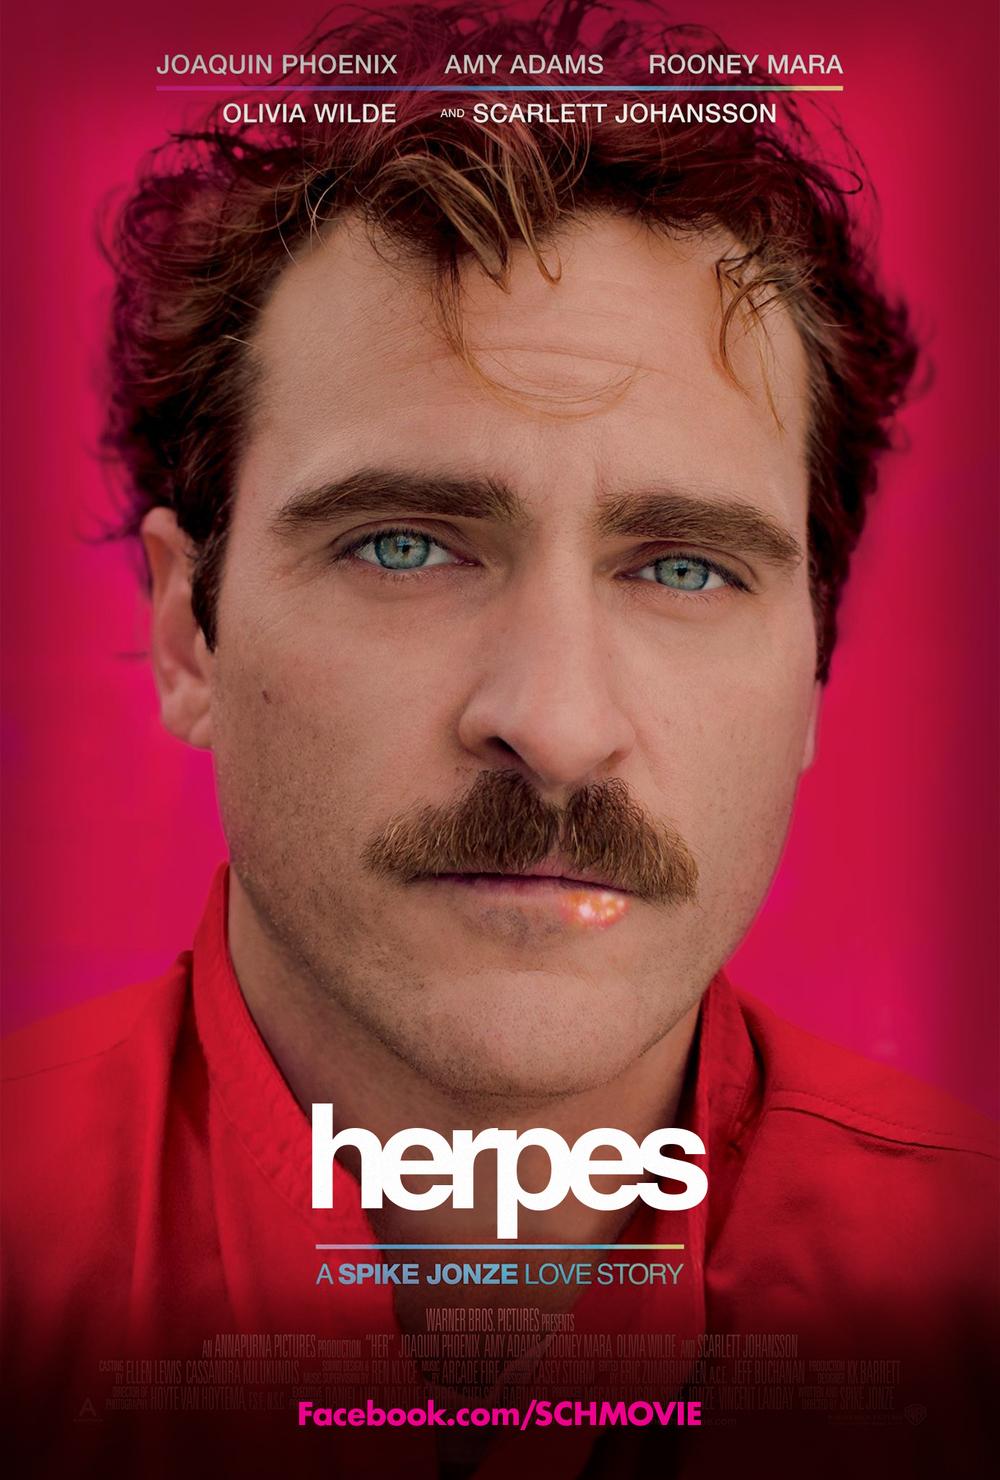 herpes.jpg